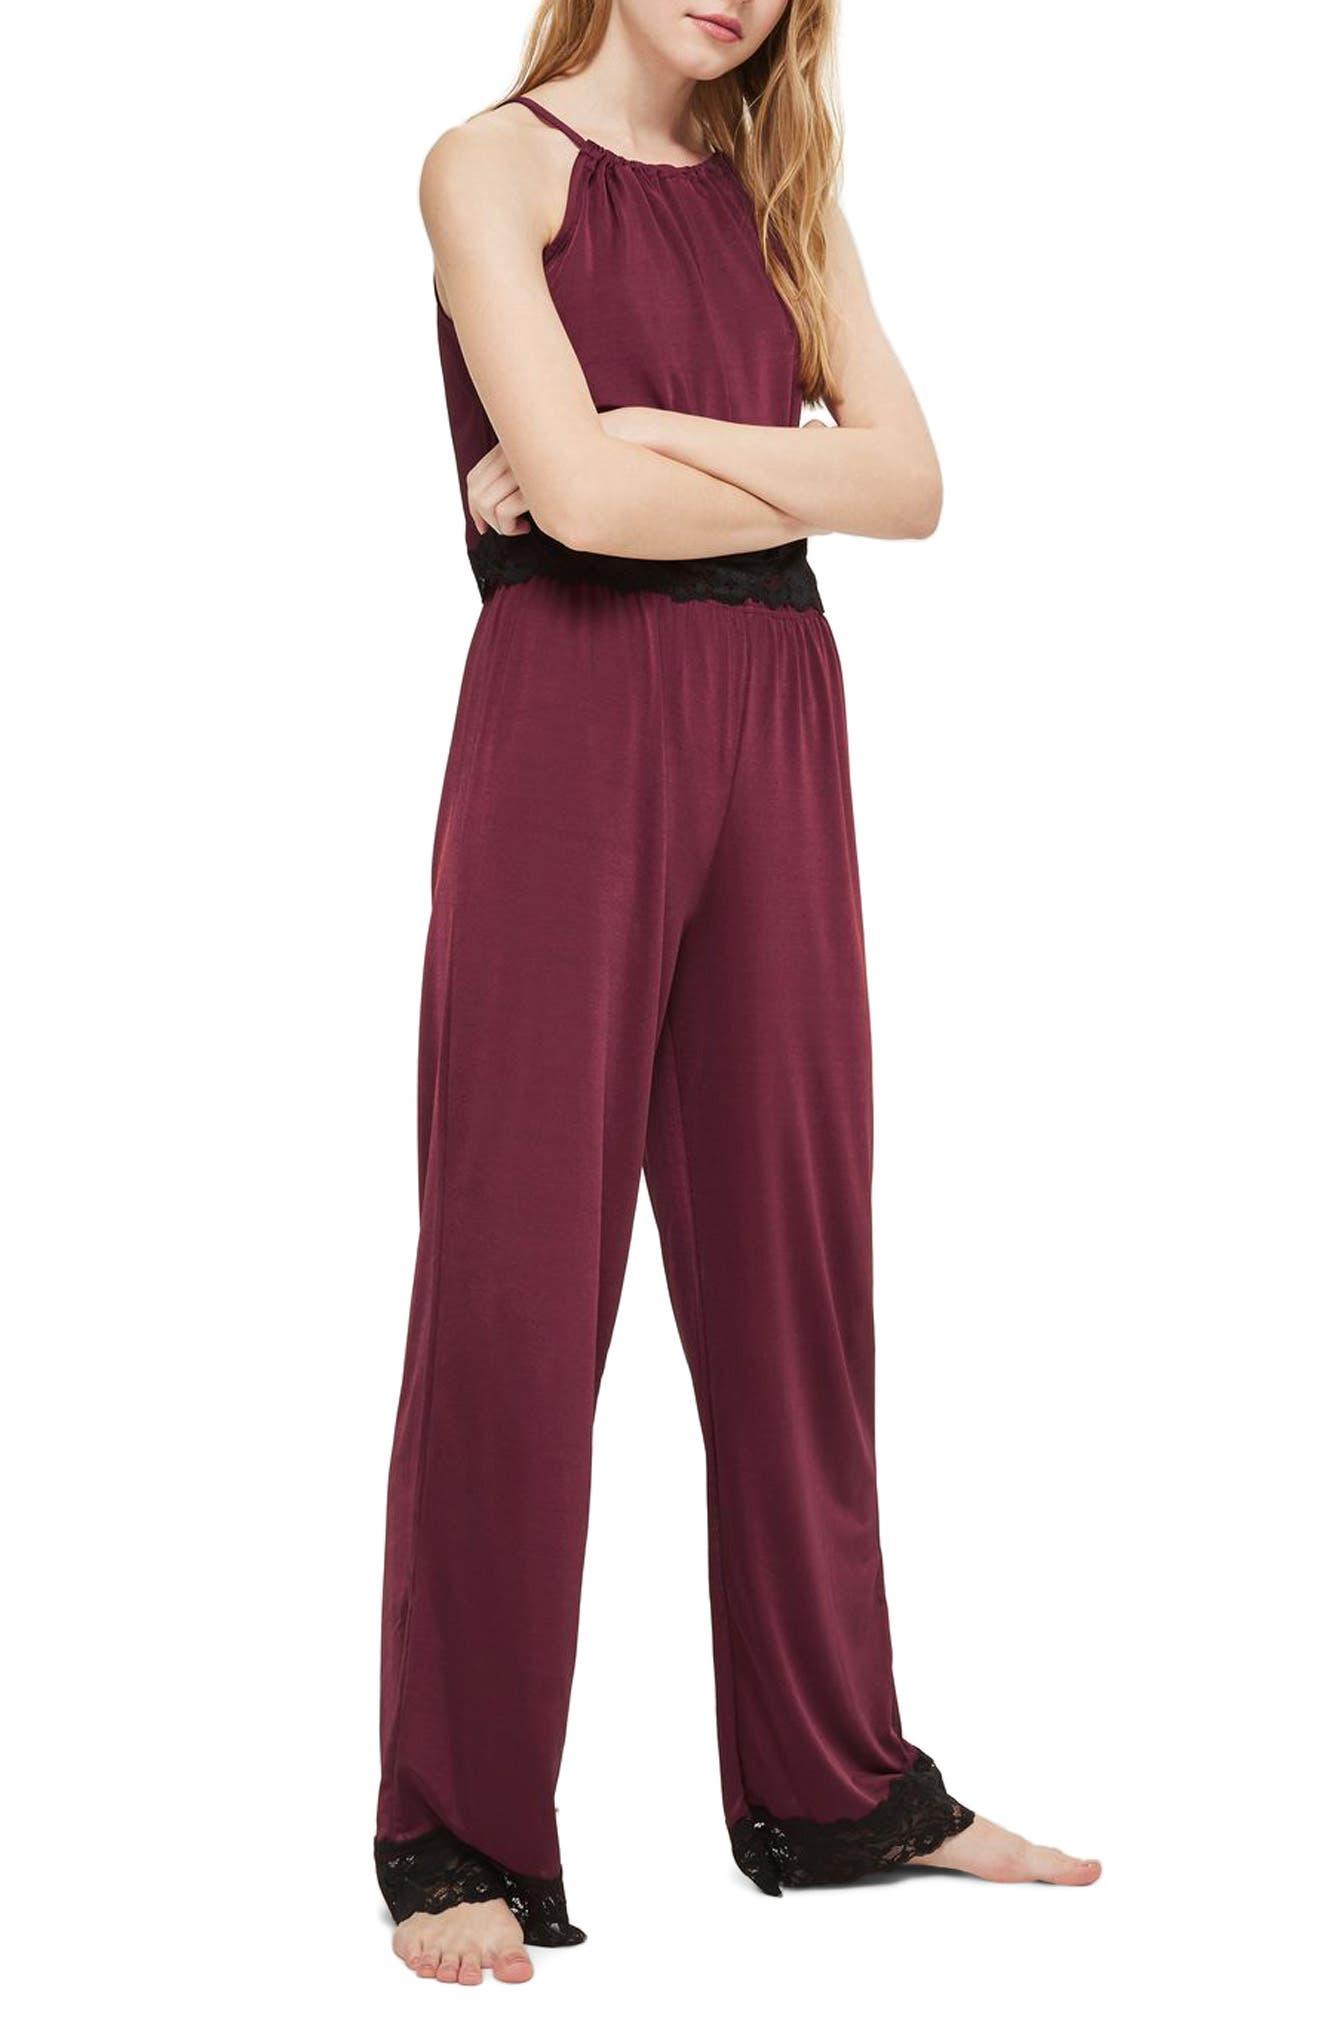 Topshop Jersey Satin & Lace Pajama Pants